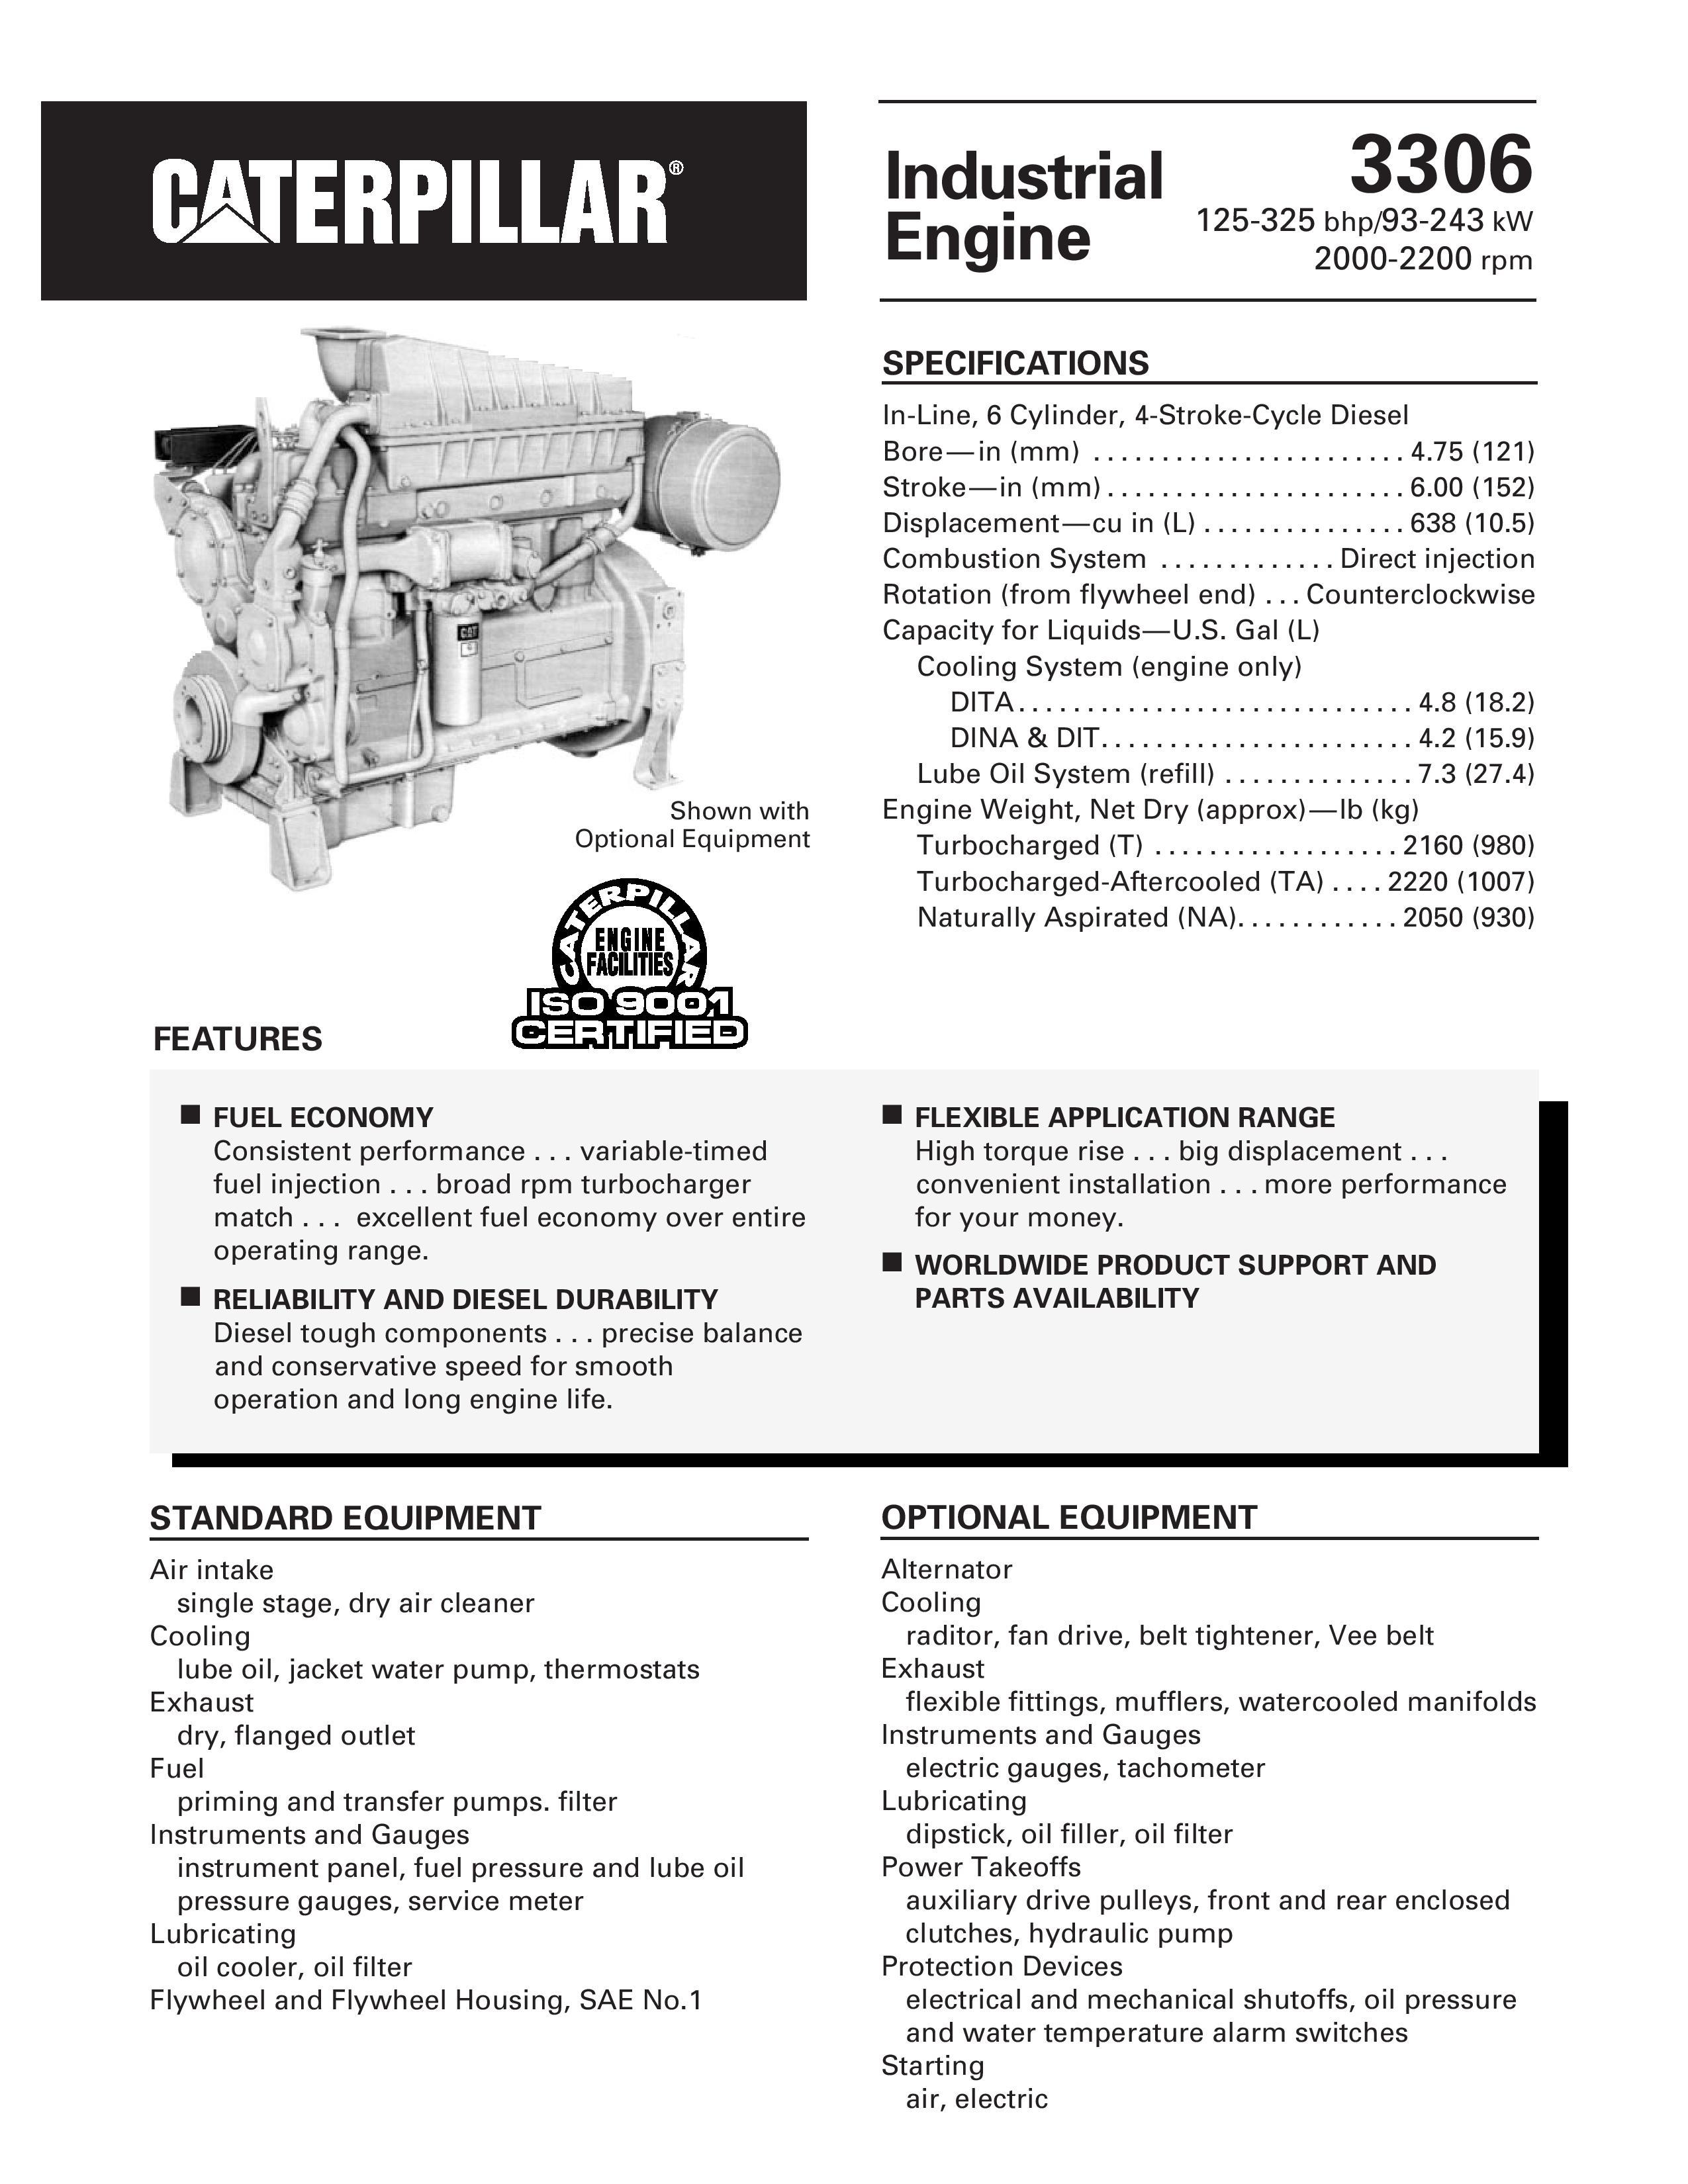 Cat 6 Wiring Diagram Caterpillar Diesel Engine Supplier Worldwide Used Cat